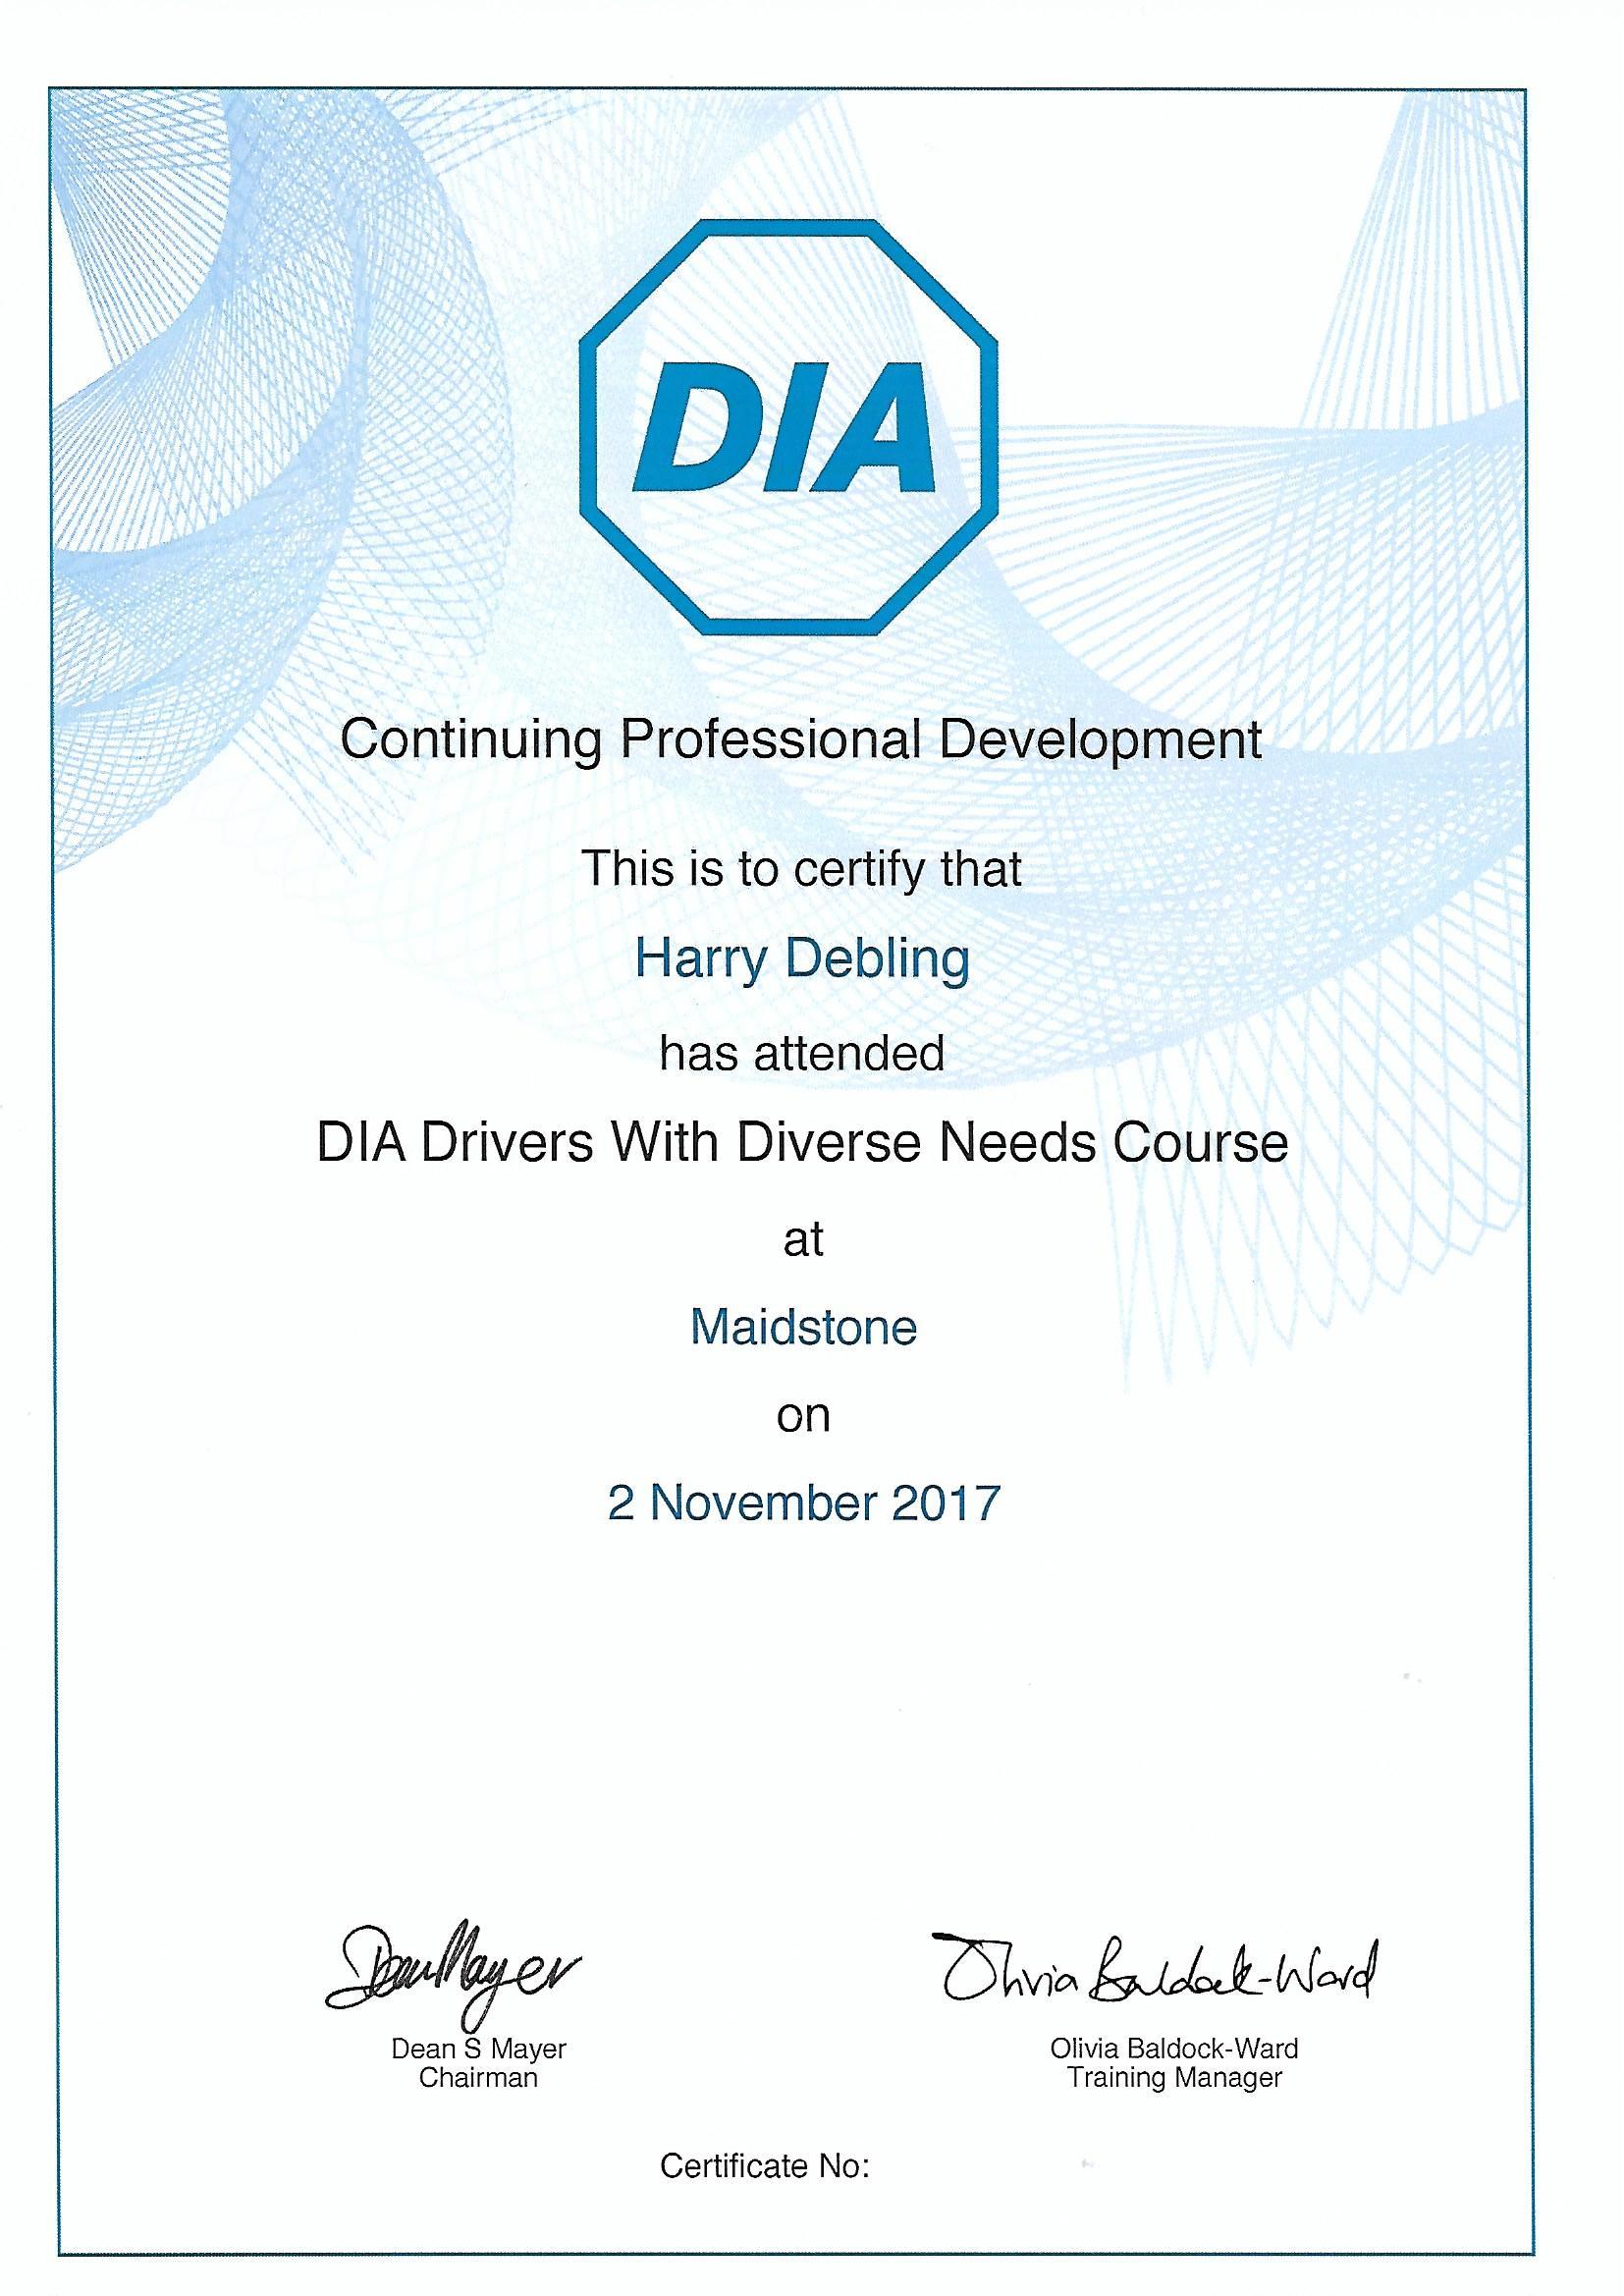 DIA Certificate